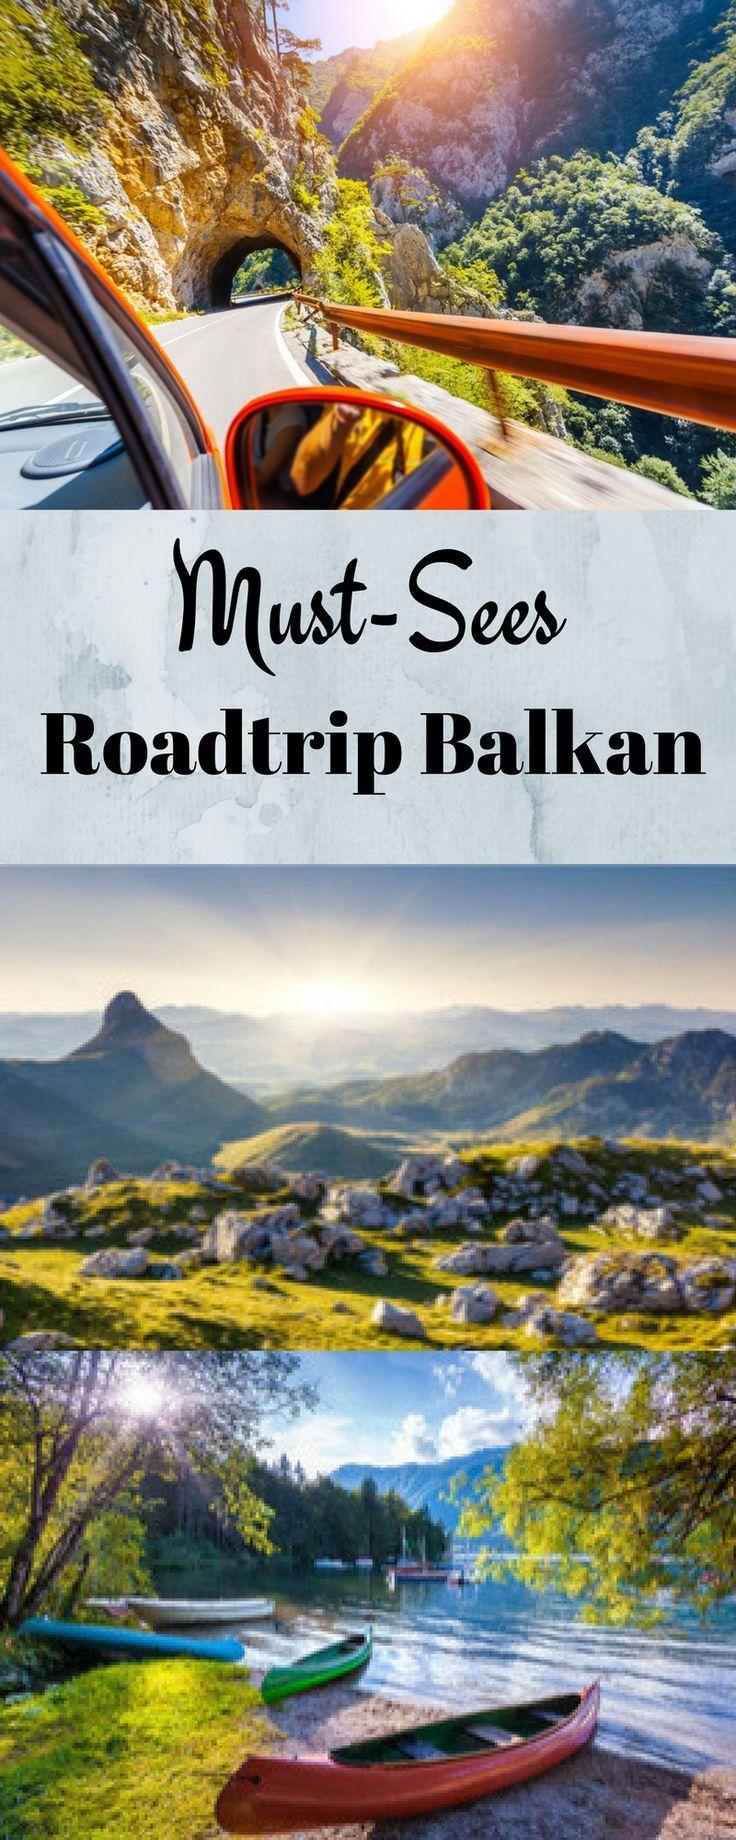 Kaum ein Reiseziel bietet sich für einen Roadtrip besser an als der Balkan. Zahlreiche Länder sind hier innerhalb kurzer Distanzen zu erreichen und zu entdecken. Ob Mazedonien, Serbien, Montenegro, Slowenien, Kroatien, Kosovo oder Bosnien-Herzegowina – nach Backpacking im Balkan lassen sich so einige Länder auf der Weltkarte freirubbeln. – Bullitour – Reiseblog | Reisen mit Kind & VW Bus • Roadtrips • Städtereisen